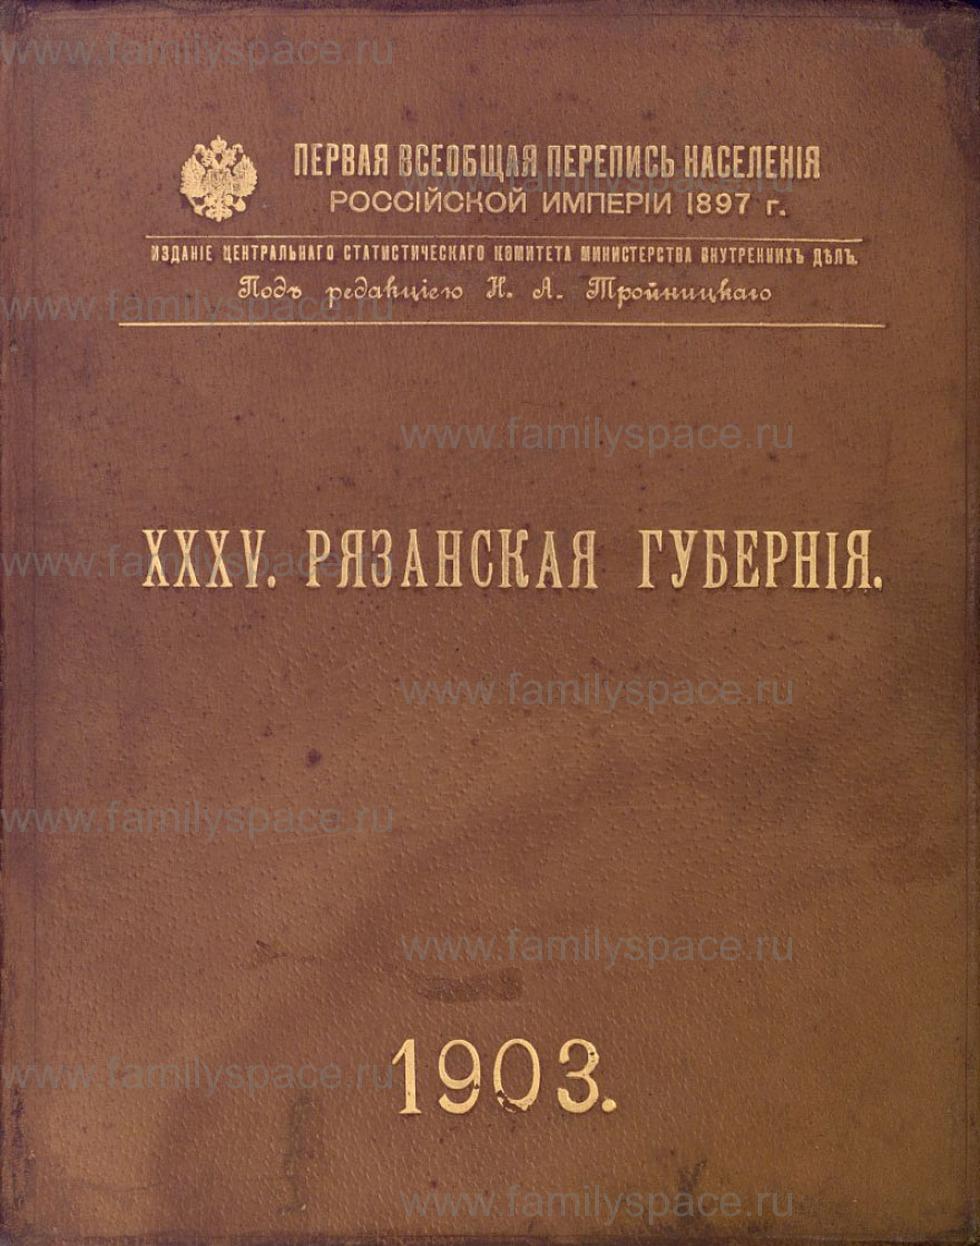 Поиск по фамилии - Первая всеобщая перепись населения Российской империи 1897 года, Рязанская губерния, страница 1